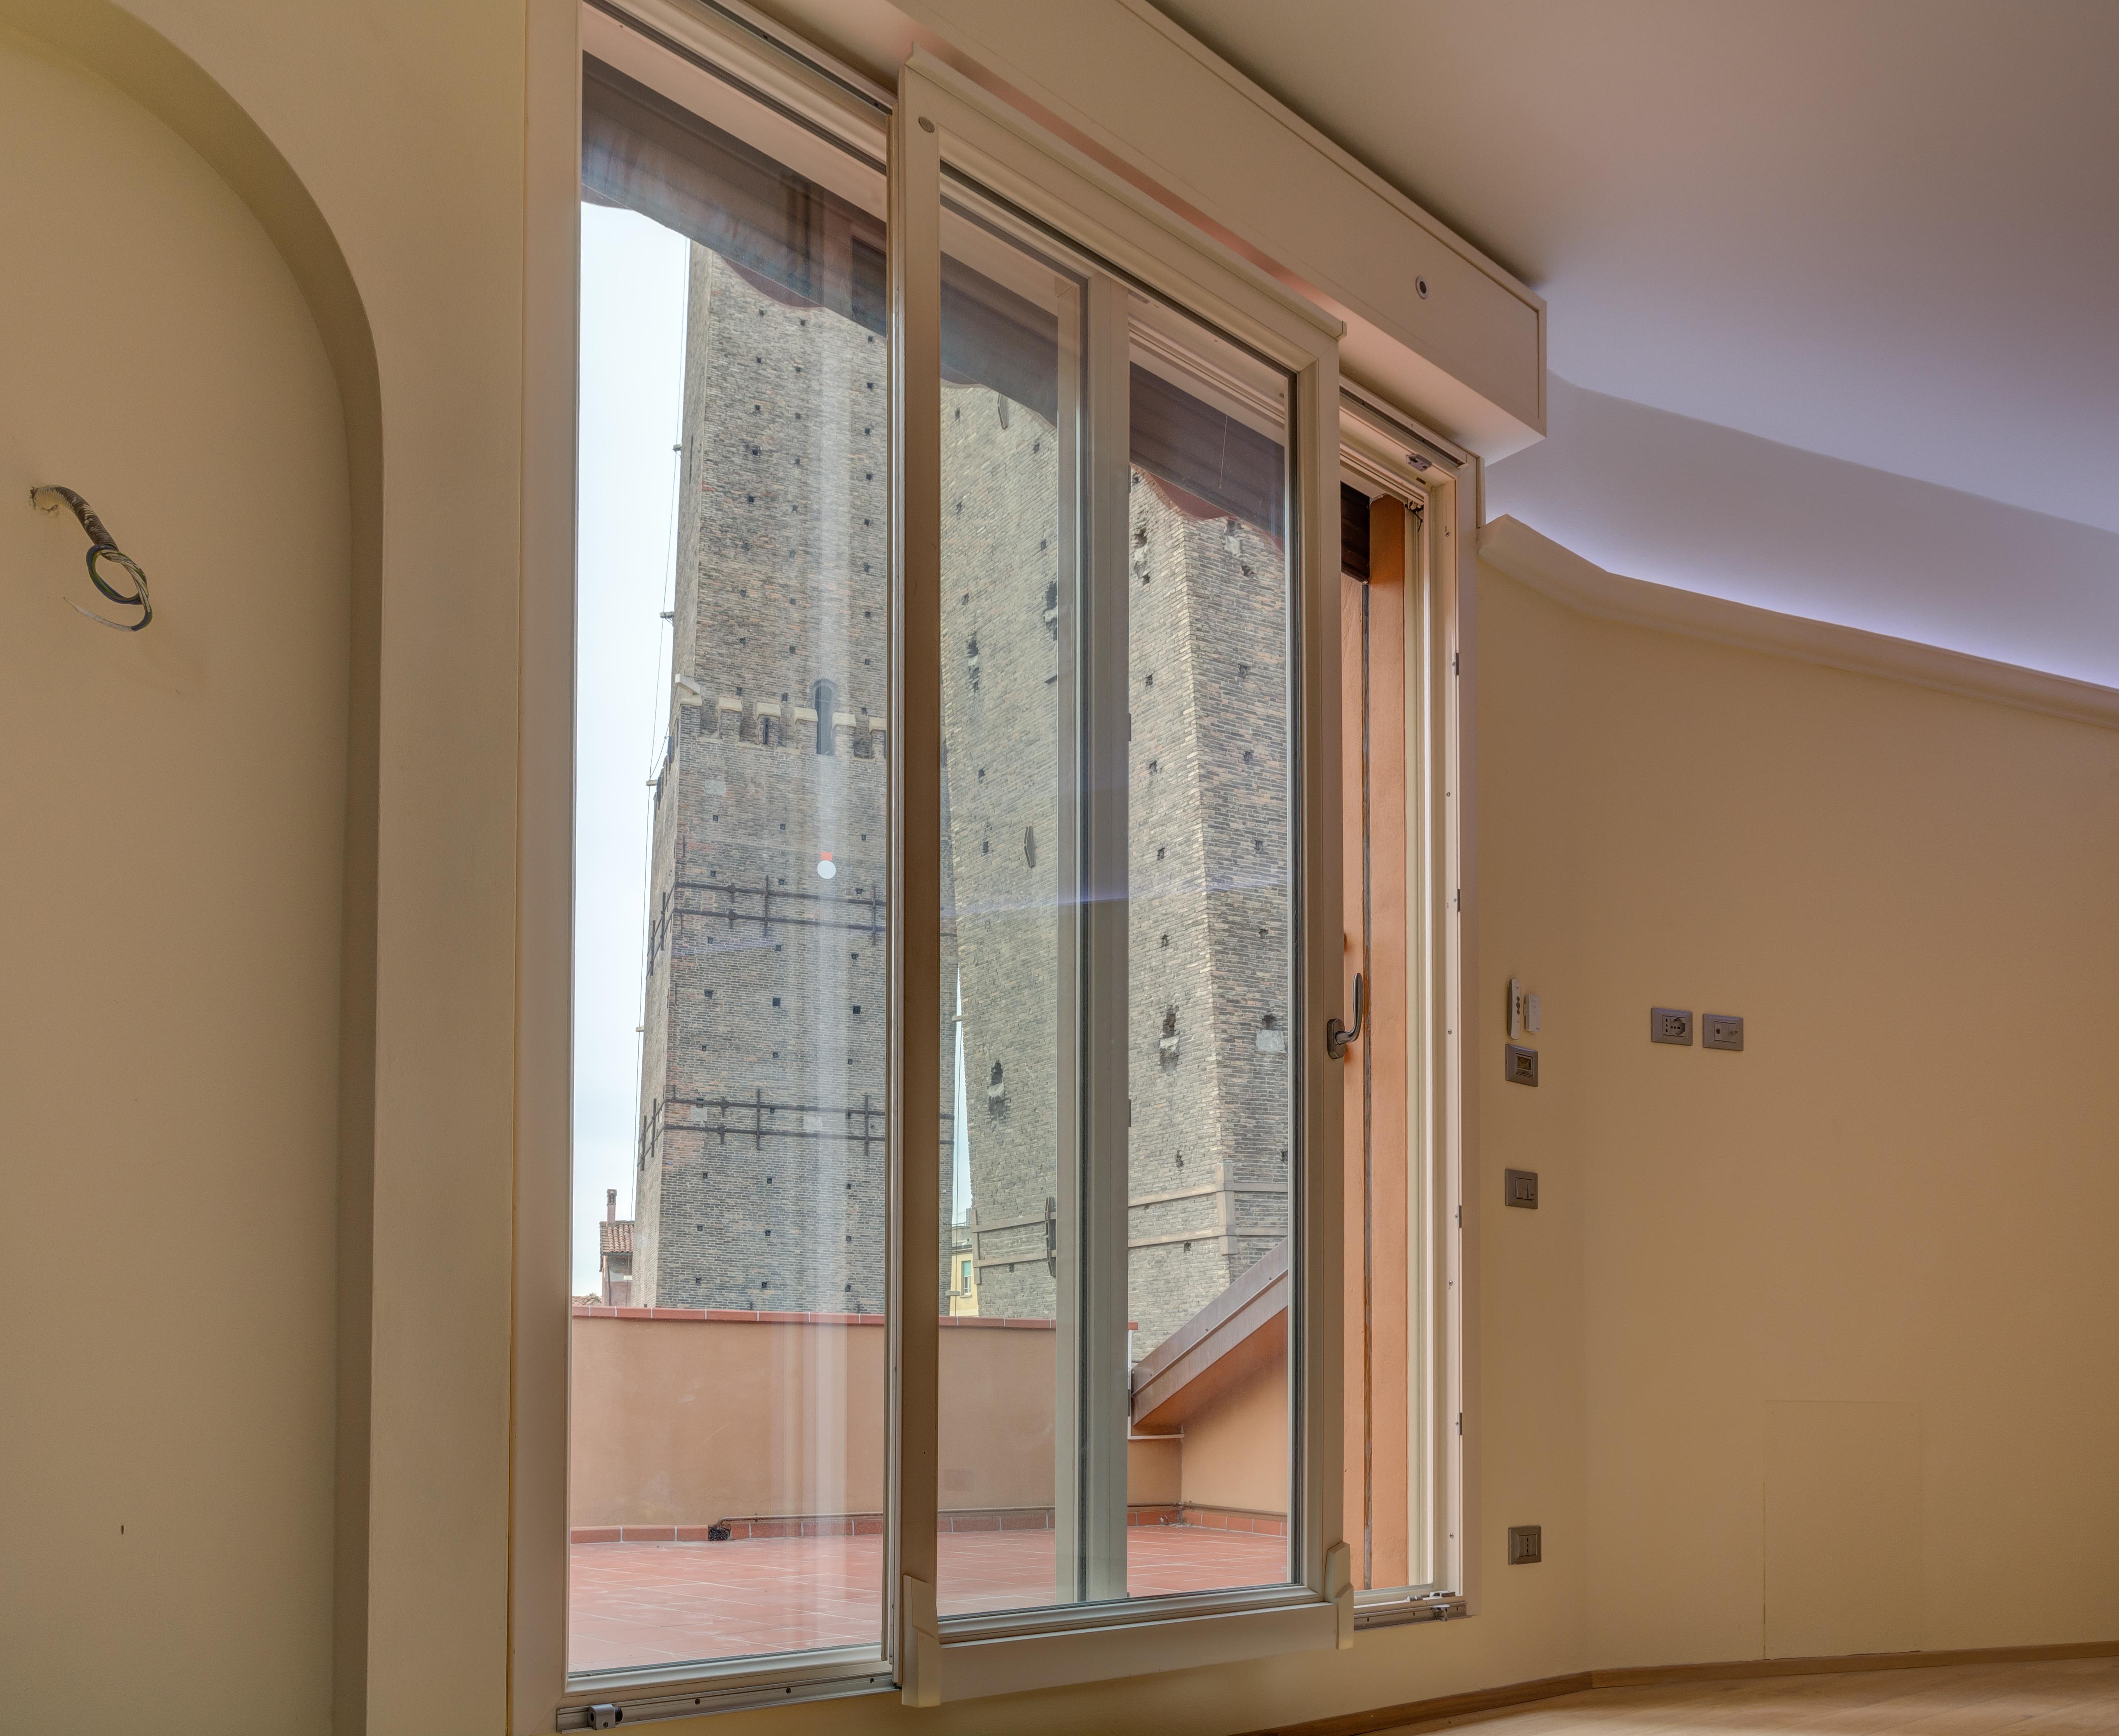 Porta finestra scorrevole rientrante calastrucci - Porta finestra scorrevole ...